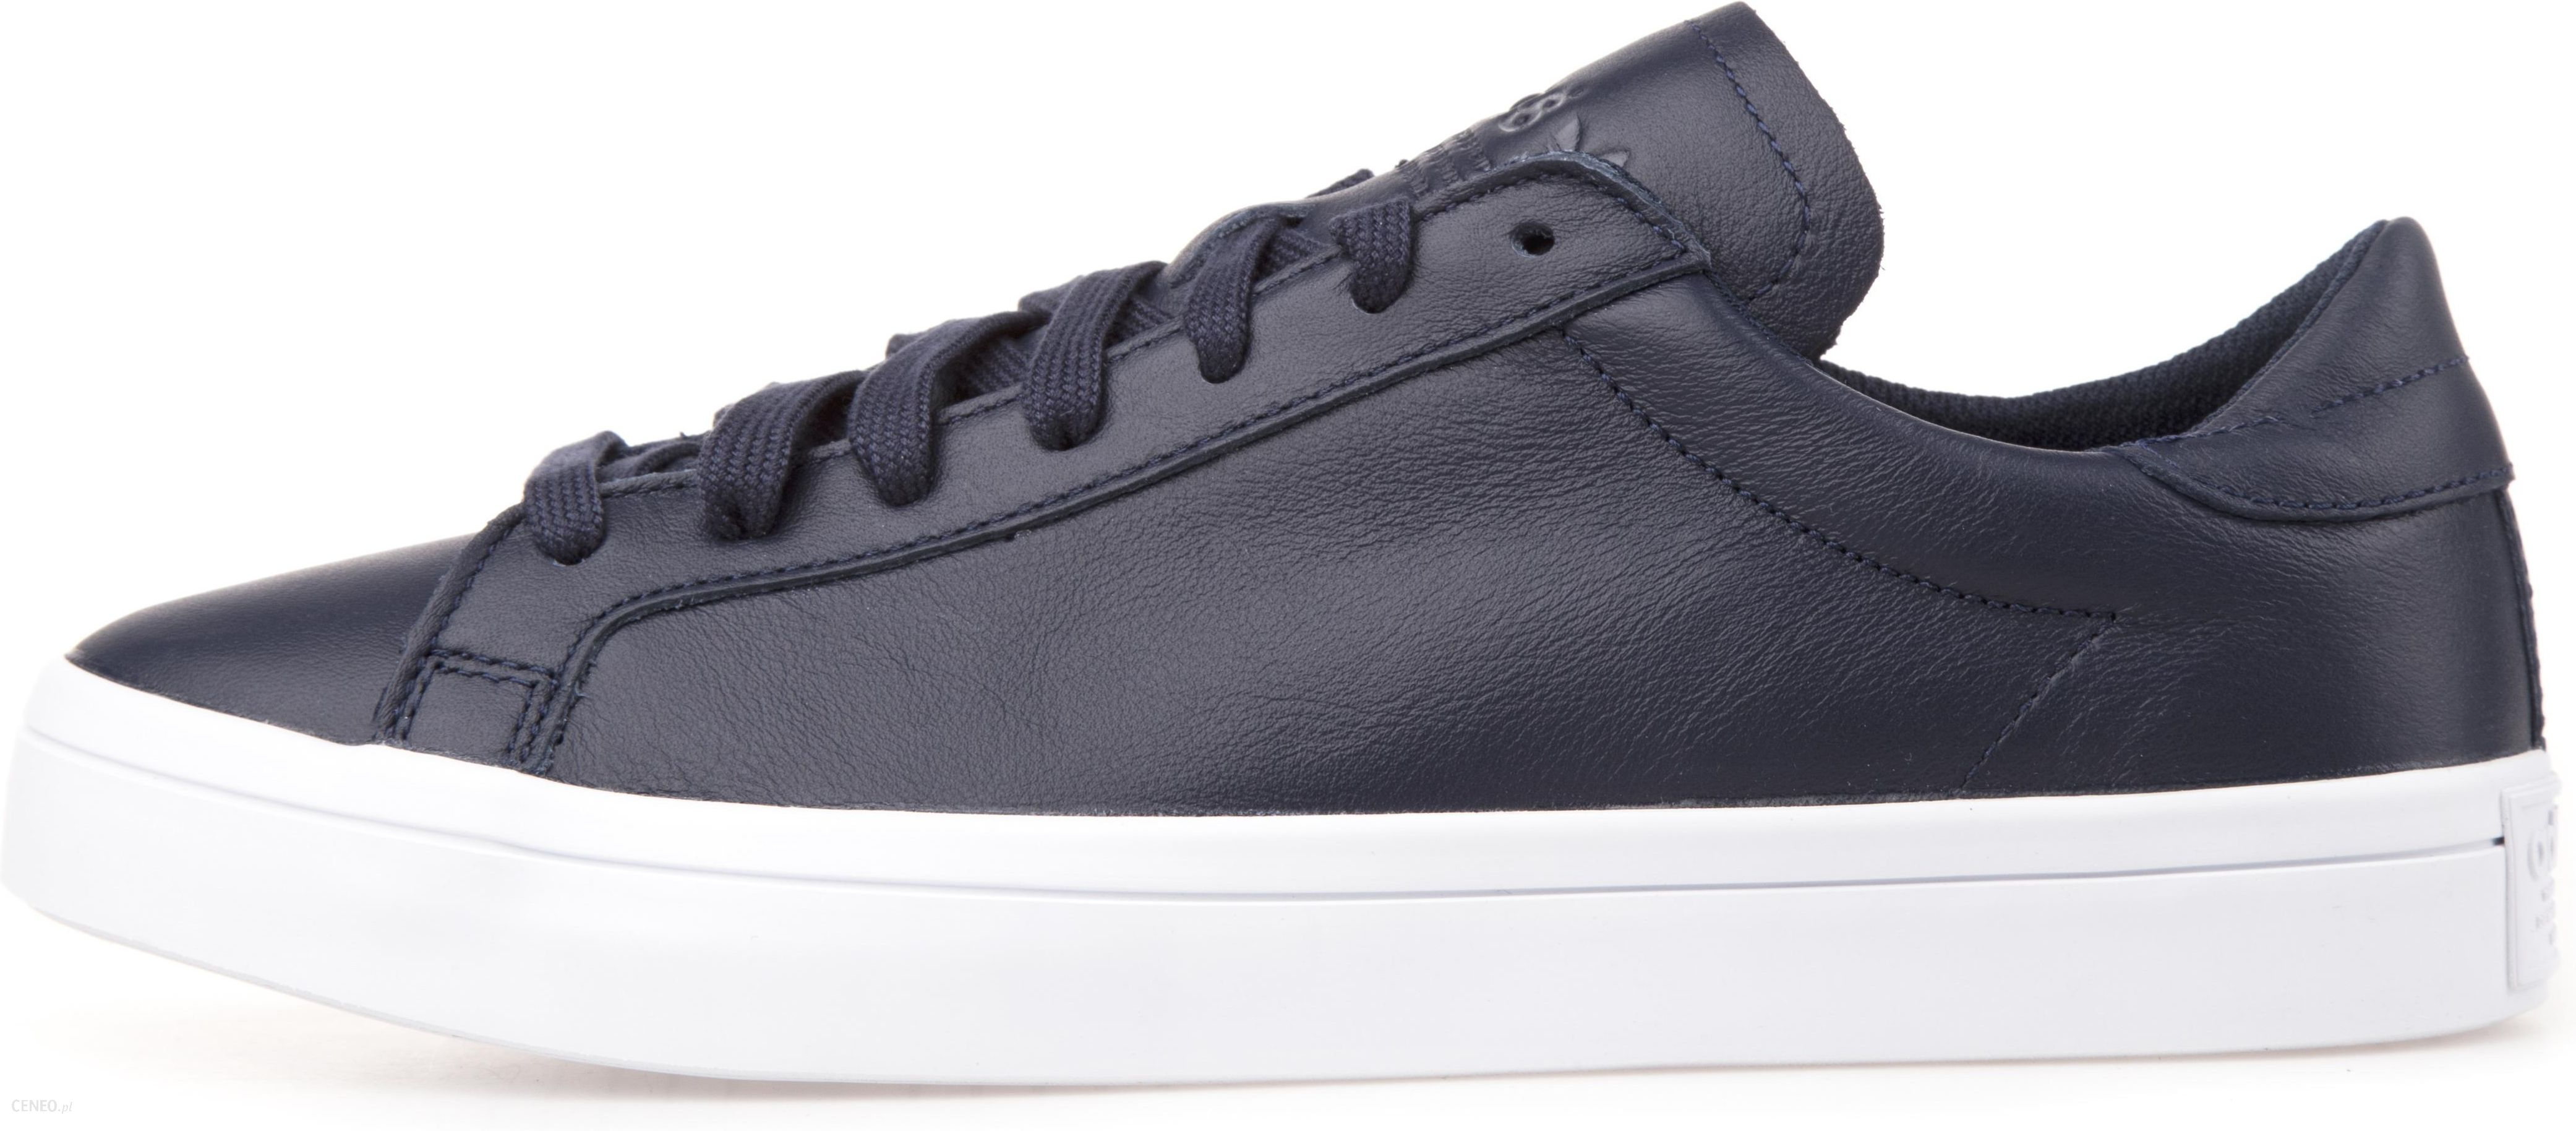 newest 6fc3c 54d33 adidas Originals Court Vantage Buty sportowe Niebieski 43 13 - zdjęcie 1